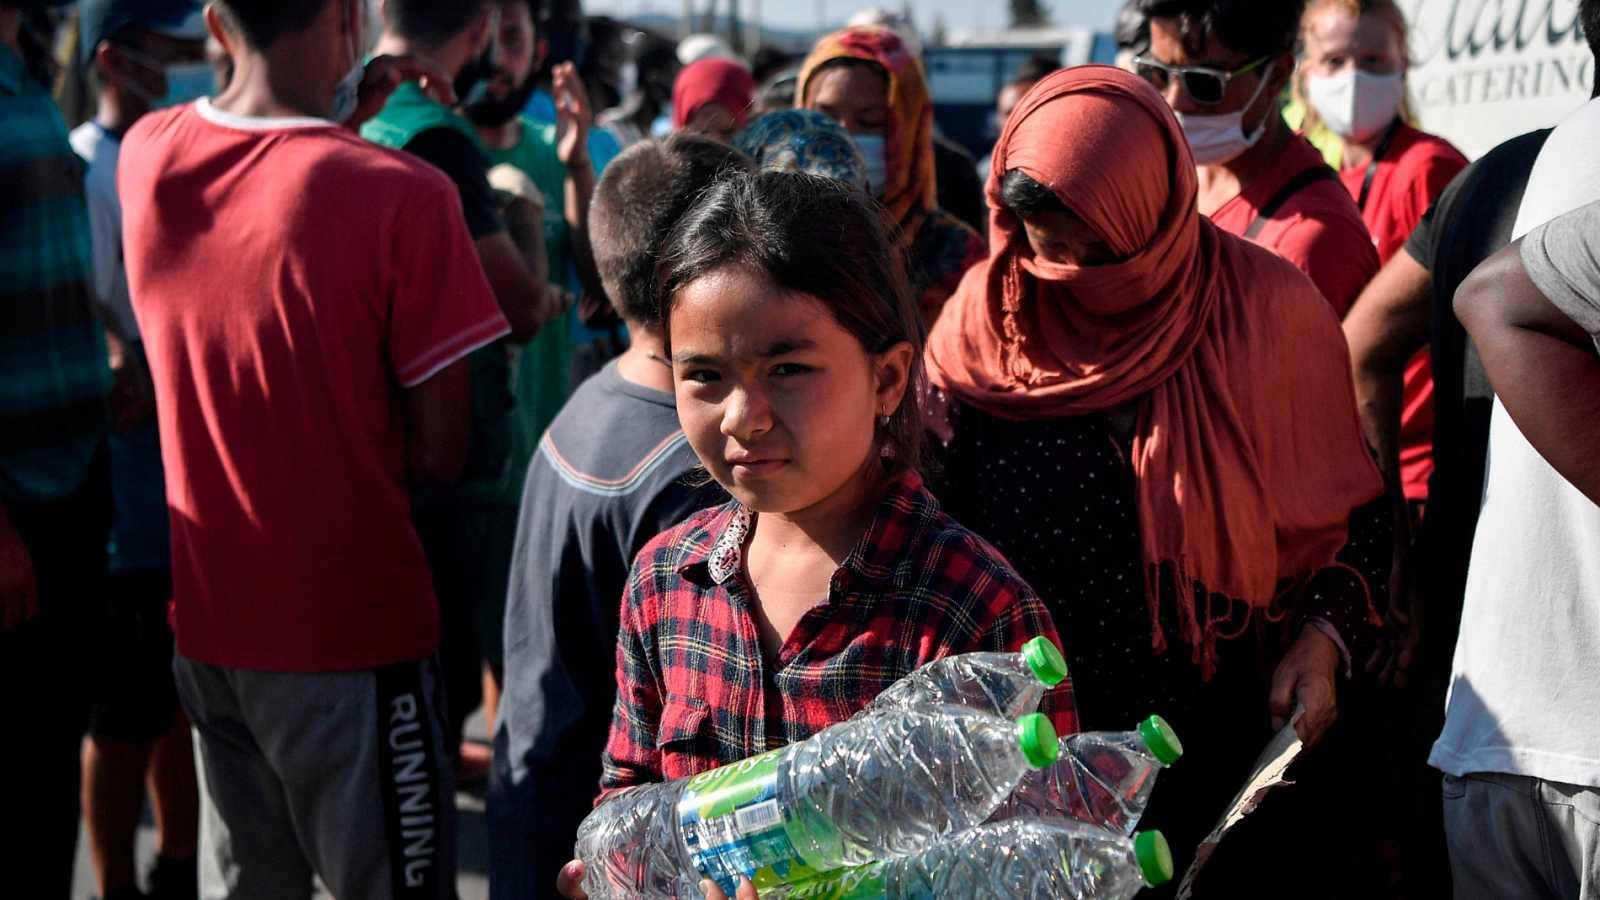 La ONU levanta un campamento temporal para los miles de refugiados que duermen a la intemperie en Lesbos